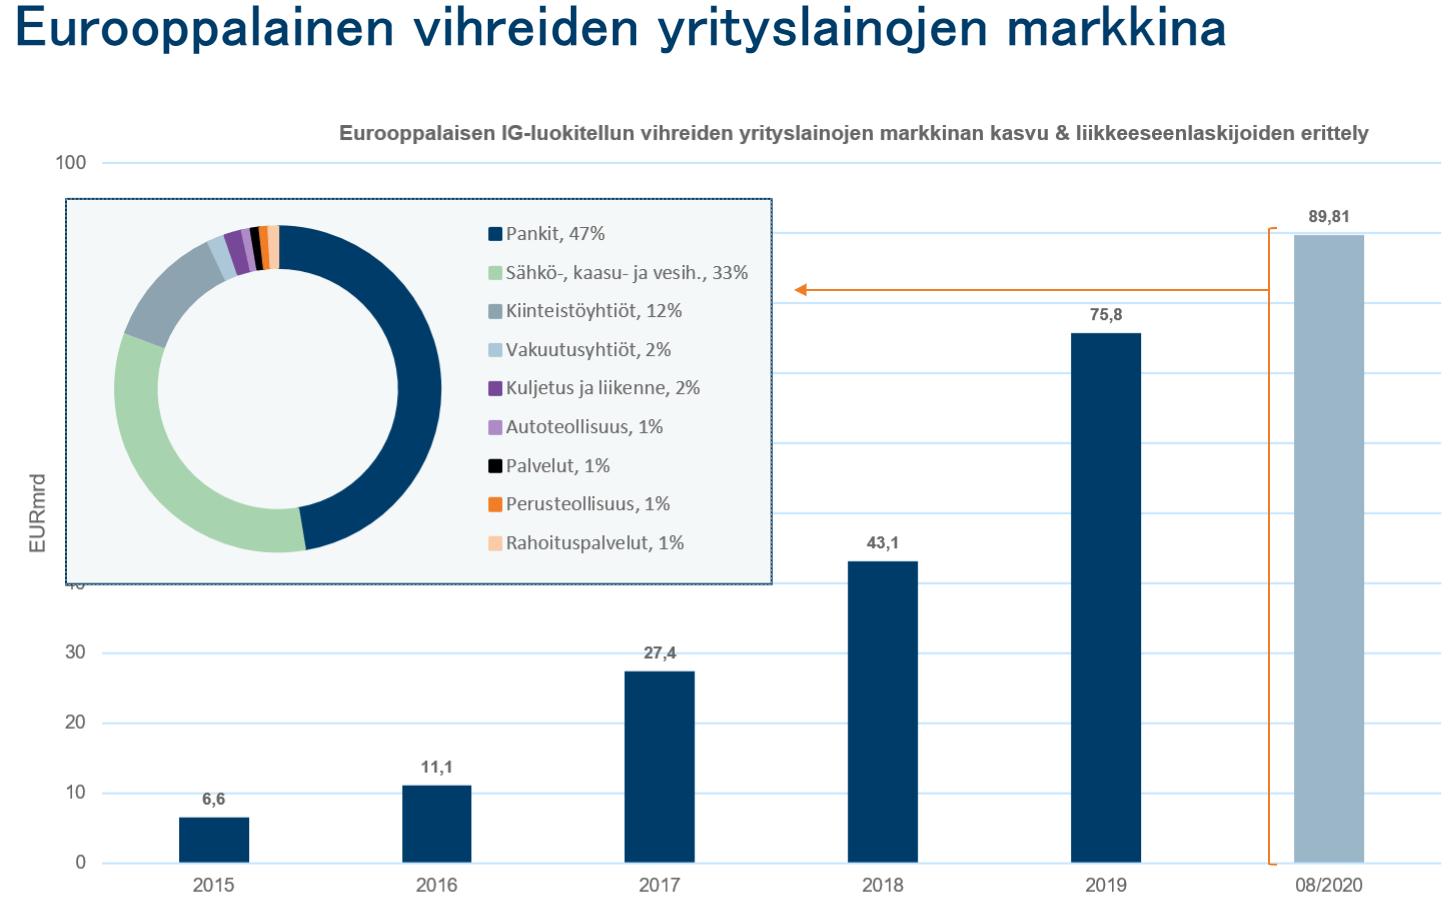 Vihreiden yrityslainamarkkinoiden kasvu Euroopassa visualisoituna